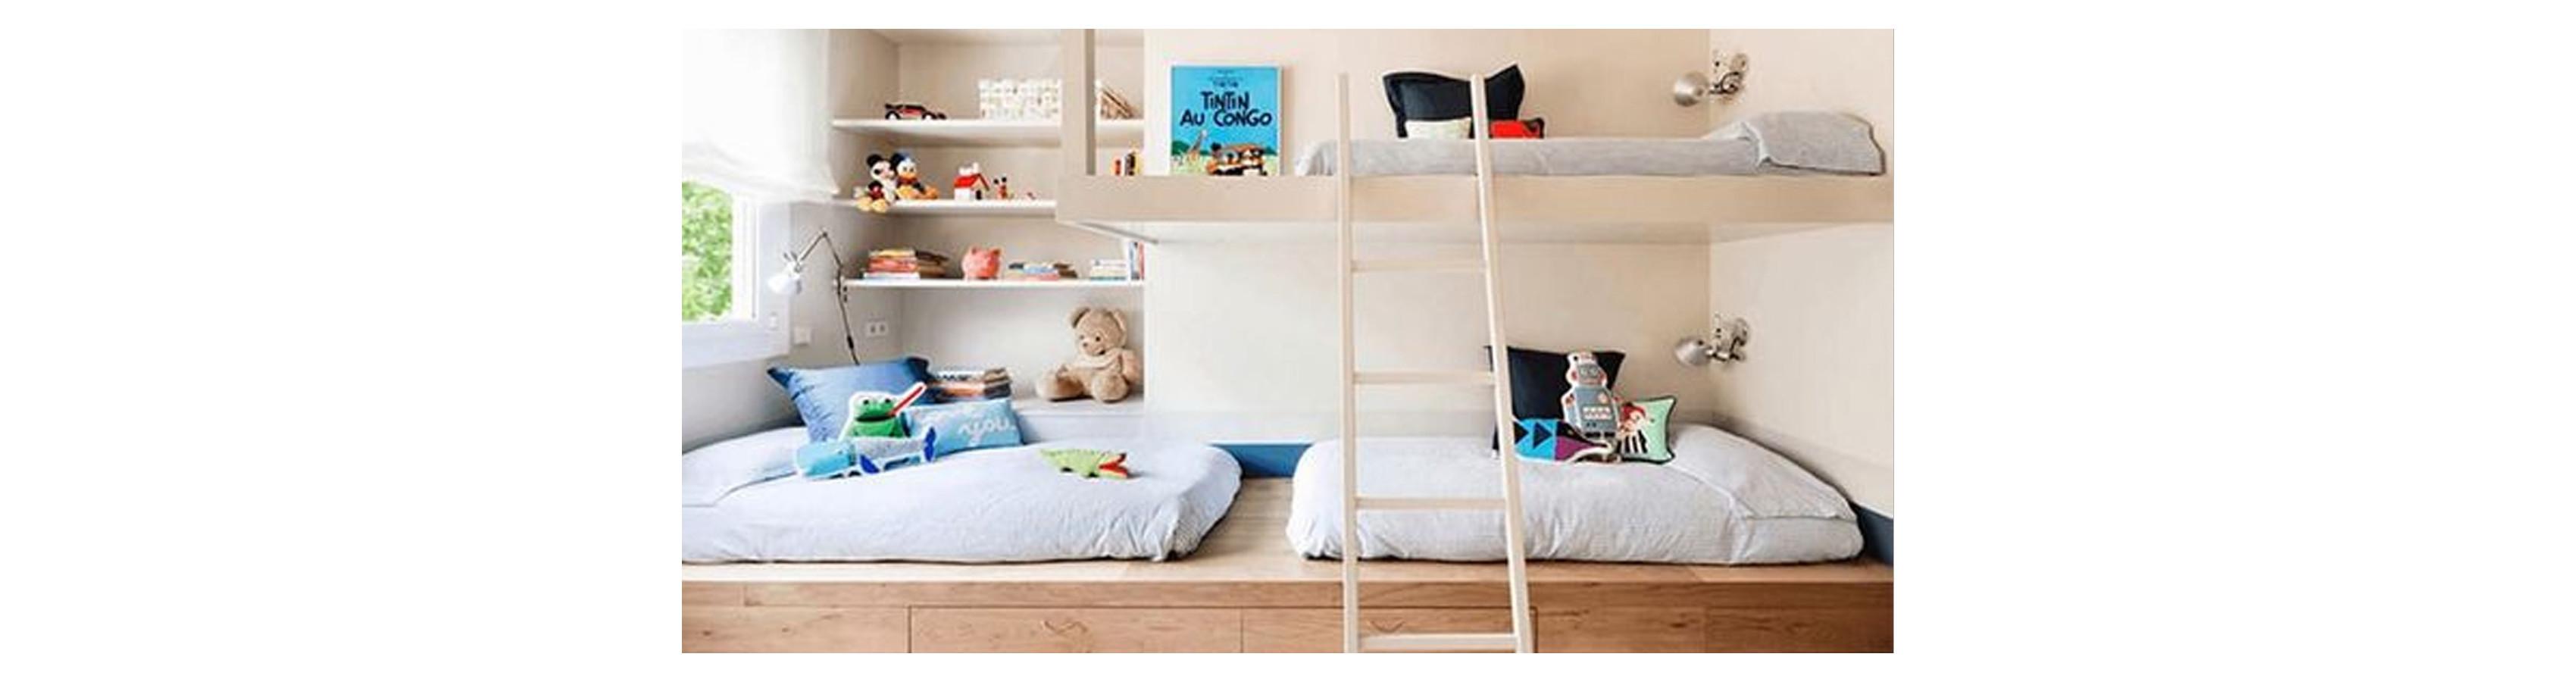 Une chambre pour plusieurs enfants | April Eleven - Blog d ...